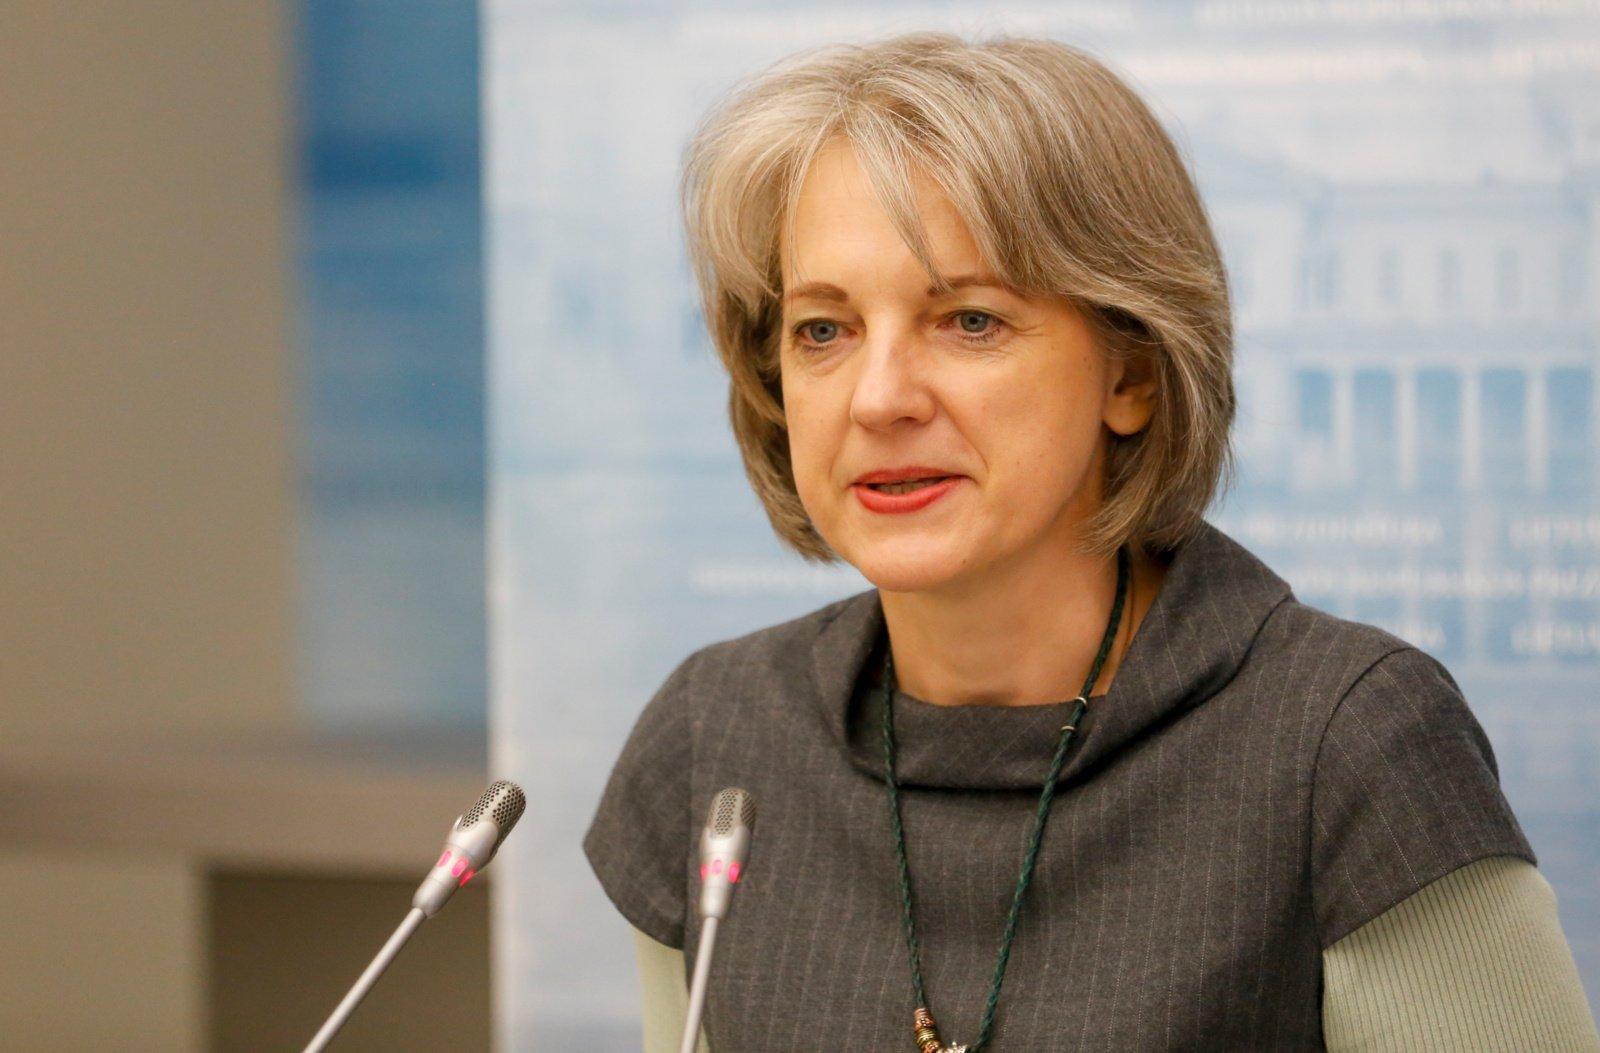 """Prezidentūra: inicijavus derybas dėl """"Belorus"""" sanatorijos, Baltarusijai būtų suteikiama daugiau sprendimo galios"""